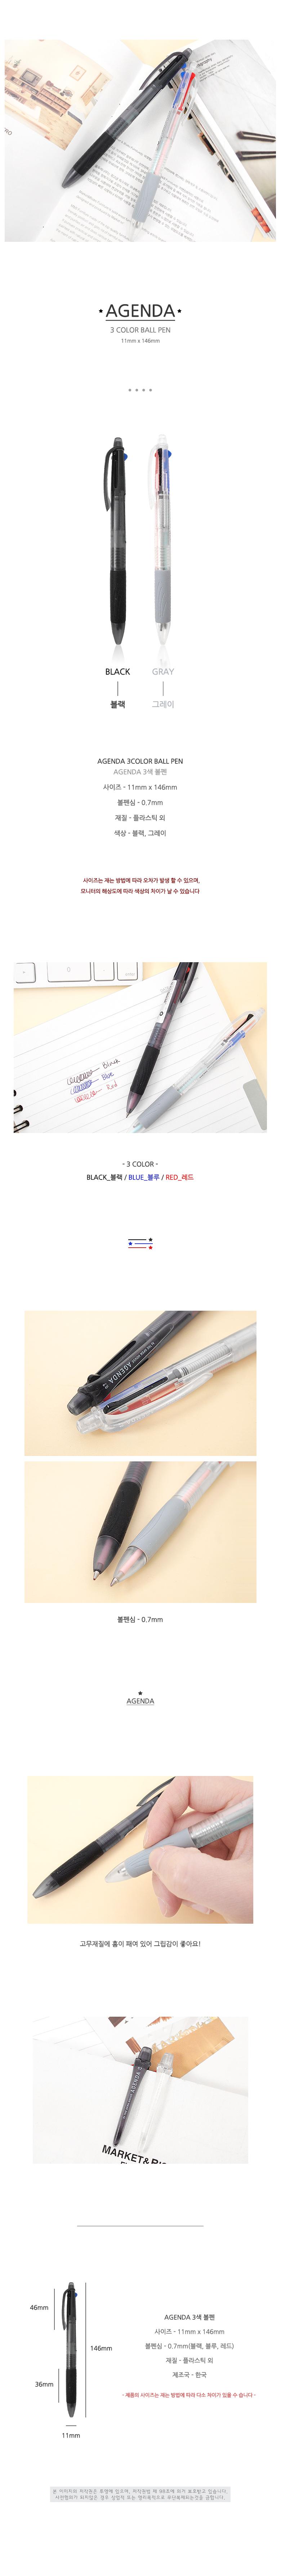 AGENDA 3색 볼펜 - 투영, 1,500원, 심플/베이직펜, 3컬러